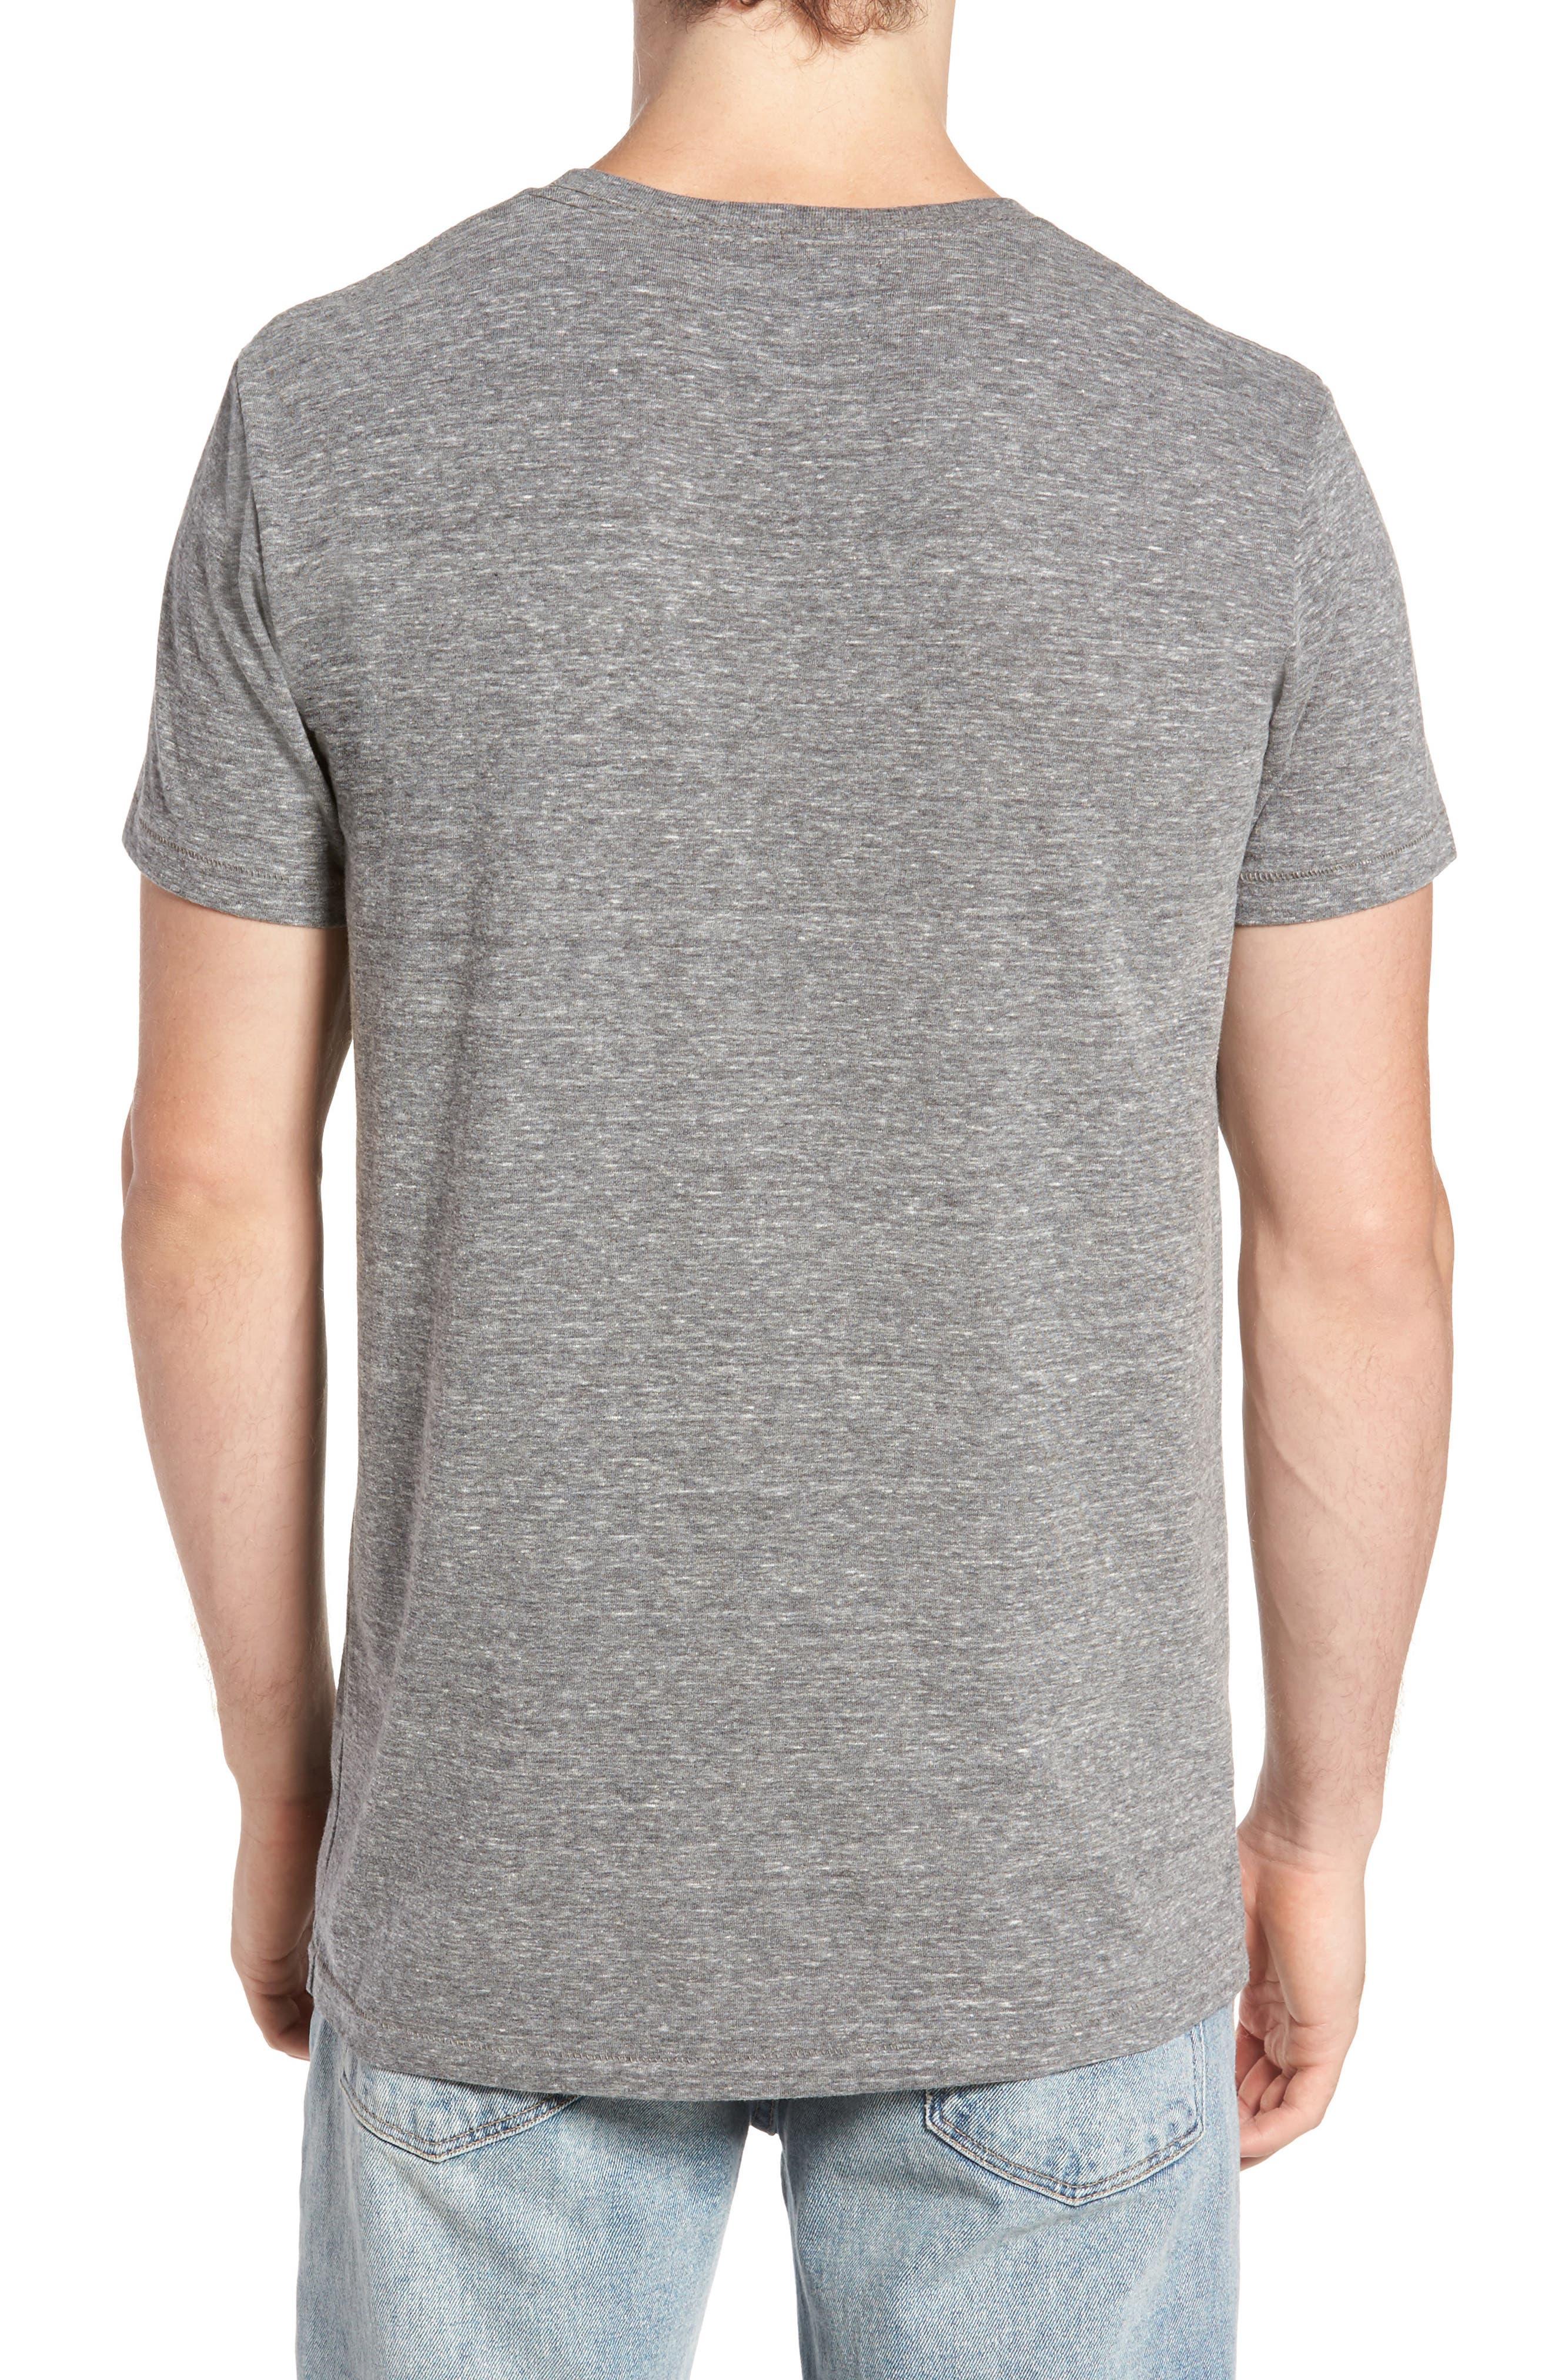 Palm Diamonds Pocket T-Shirt,                             Alternate thumbnail 2, color,